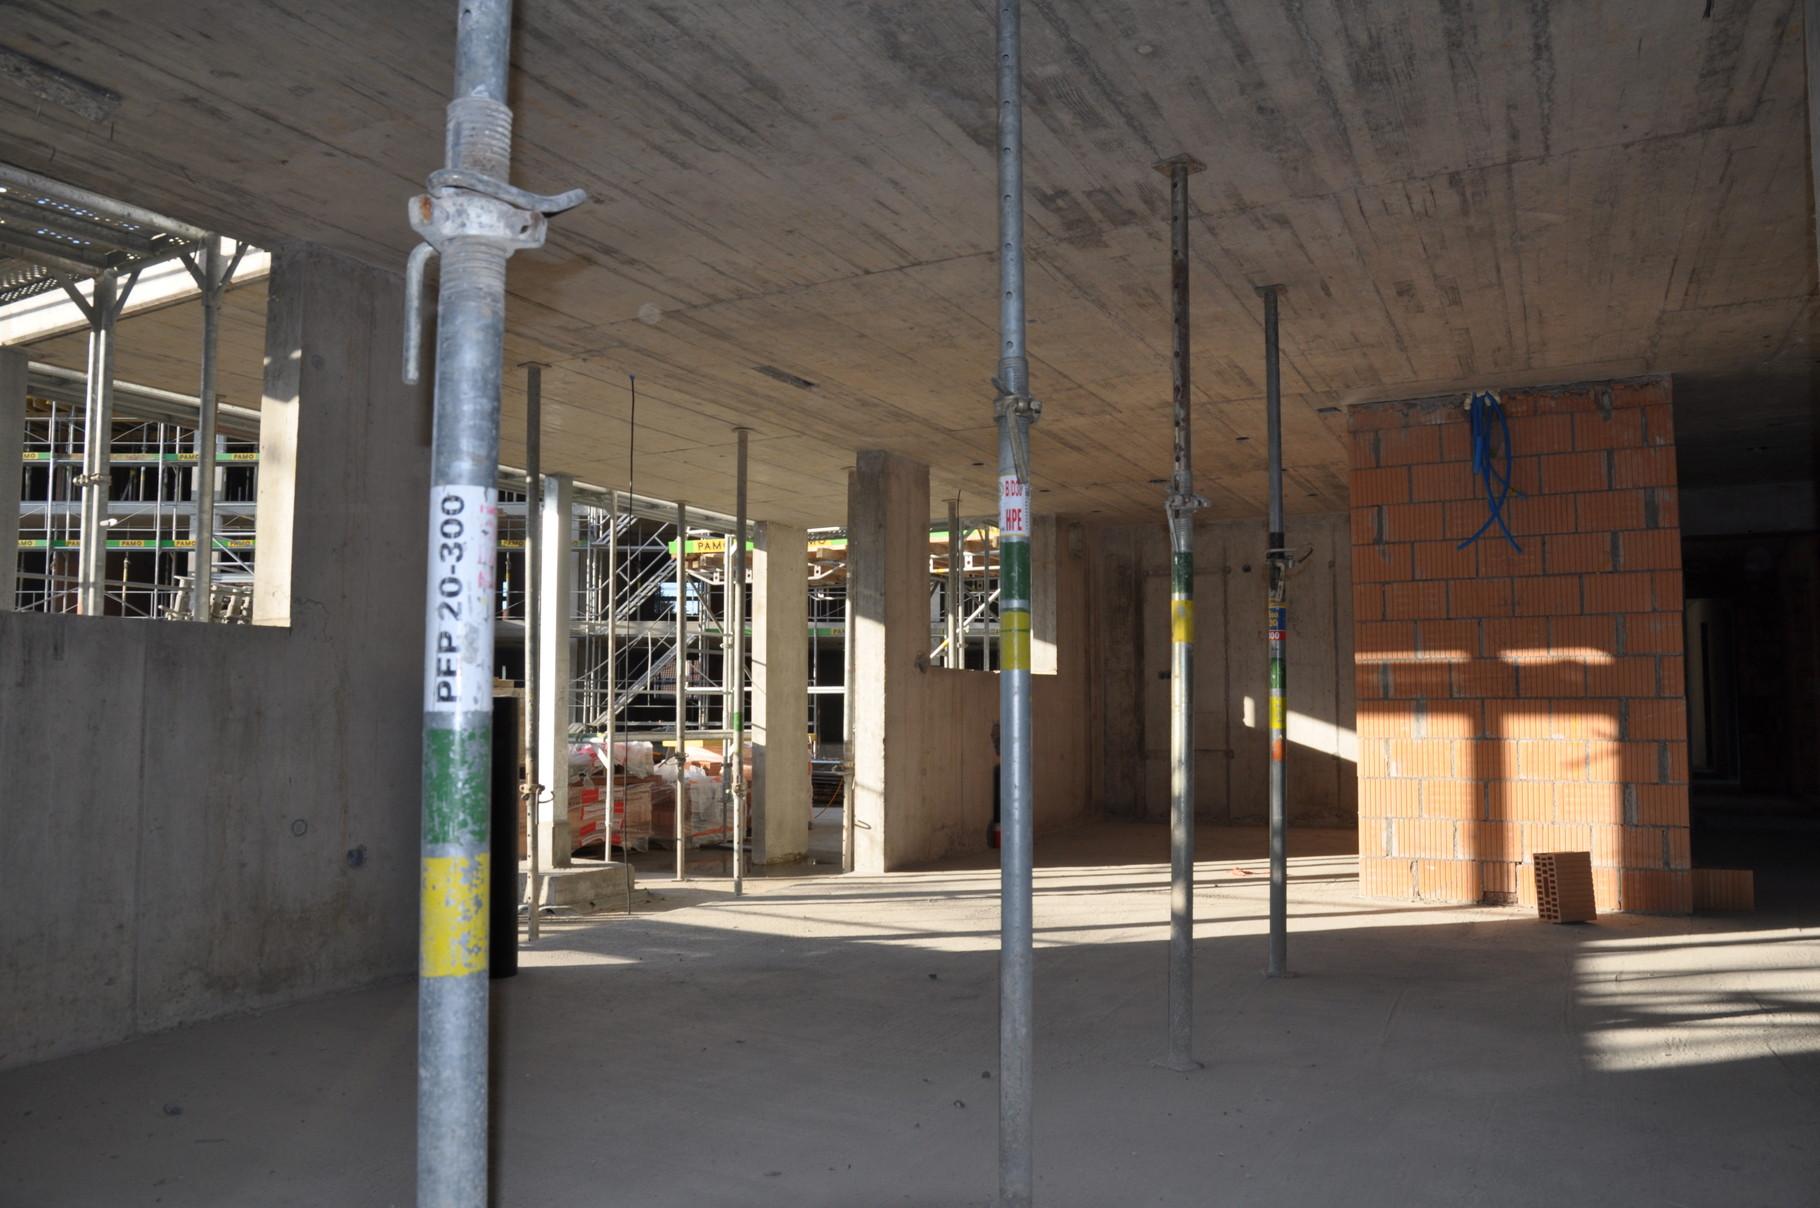 Rohbau Küche/Wohn- und Esszimmer 3,5 Zimmer Wohnung Einheit B